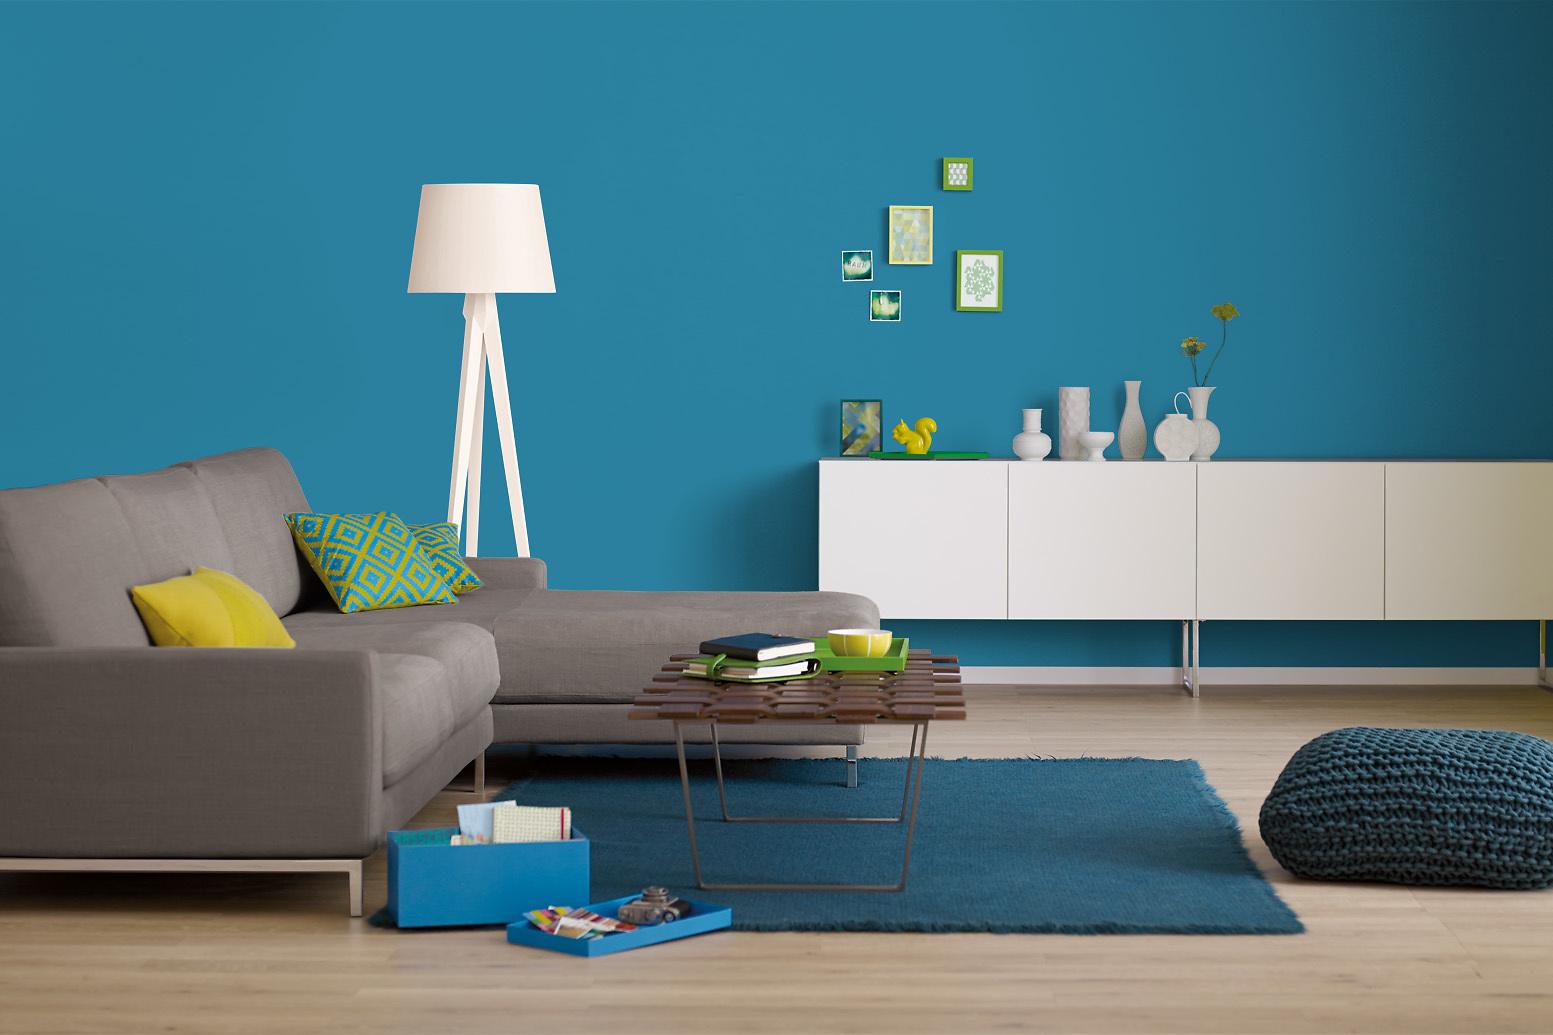 Innenfarbe In Blau, Azurblau Streichen: Alpina Farbrezepte Weiter Horizont    Alpina Farben